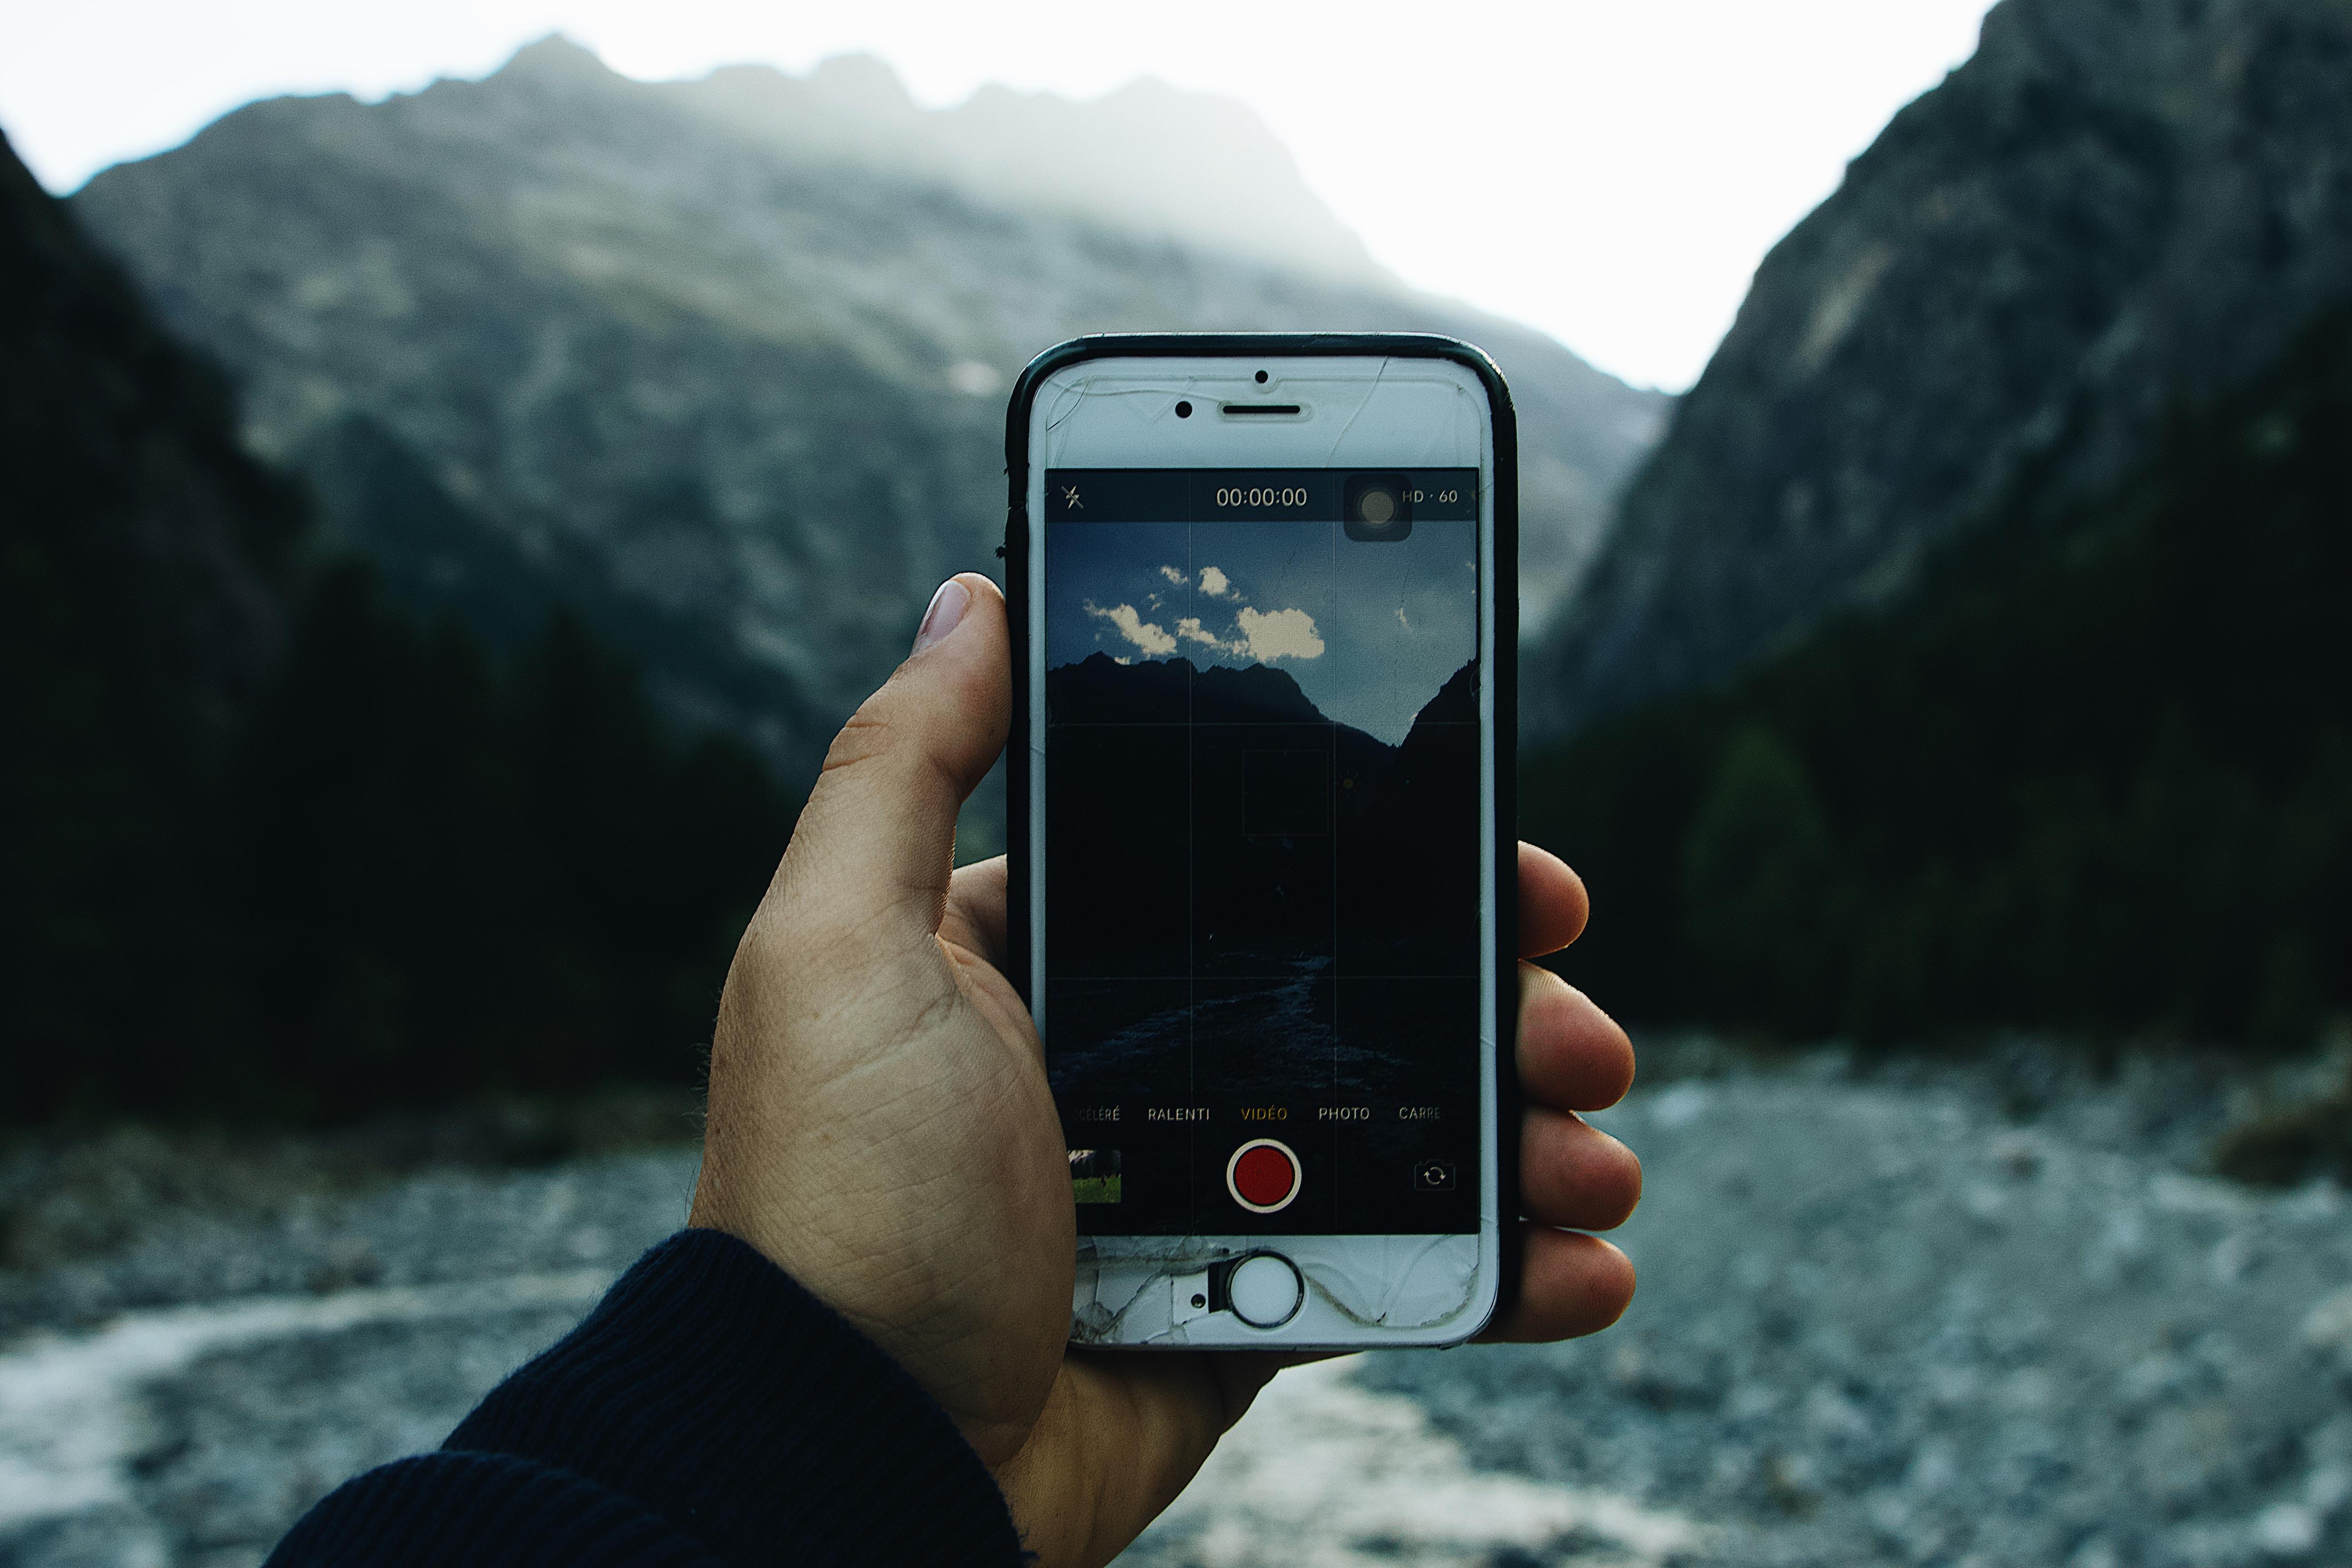 🌇 Більше лайків: 10 простих порад як робити класні фотографії в Інстаграм